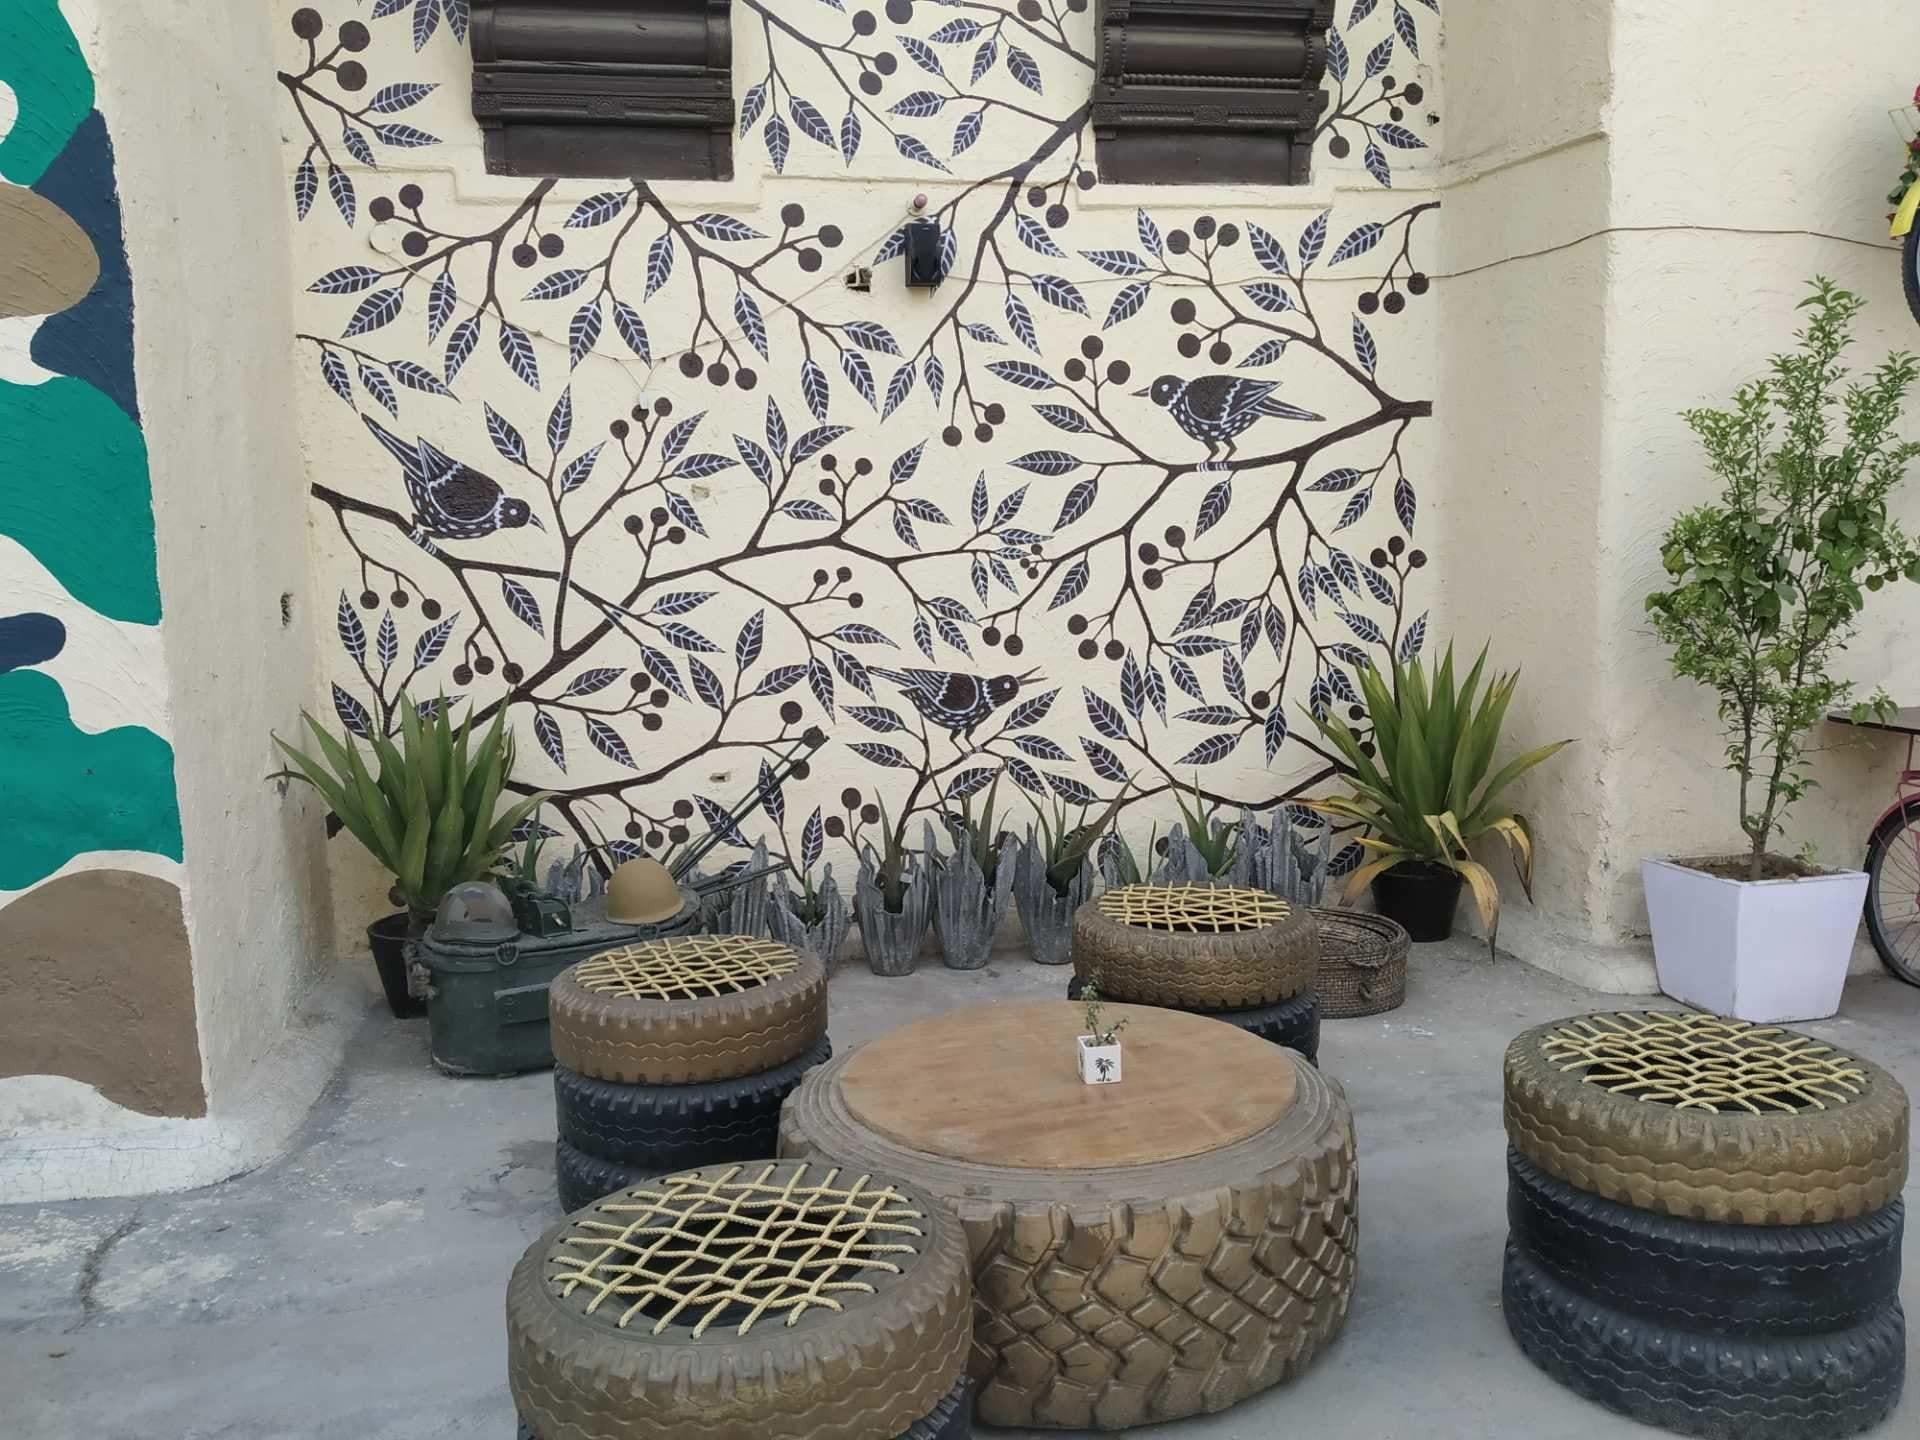 la vie en rose cafe delhi